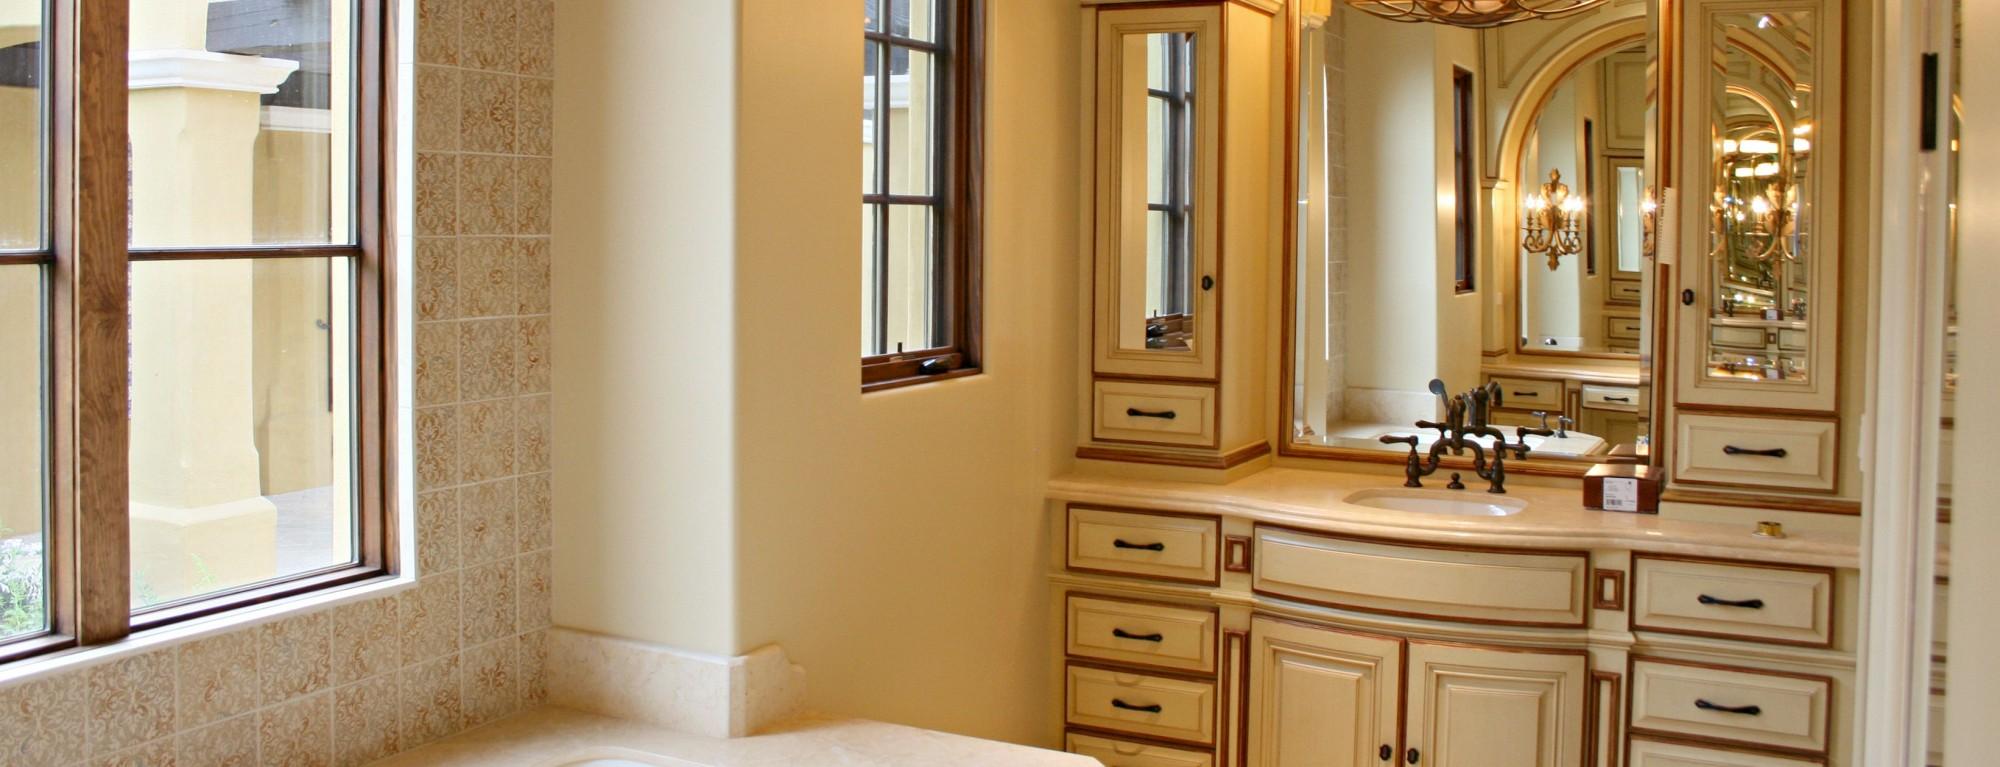 SL3658 Master Bath 1 2000x767 1565369420